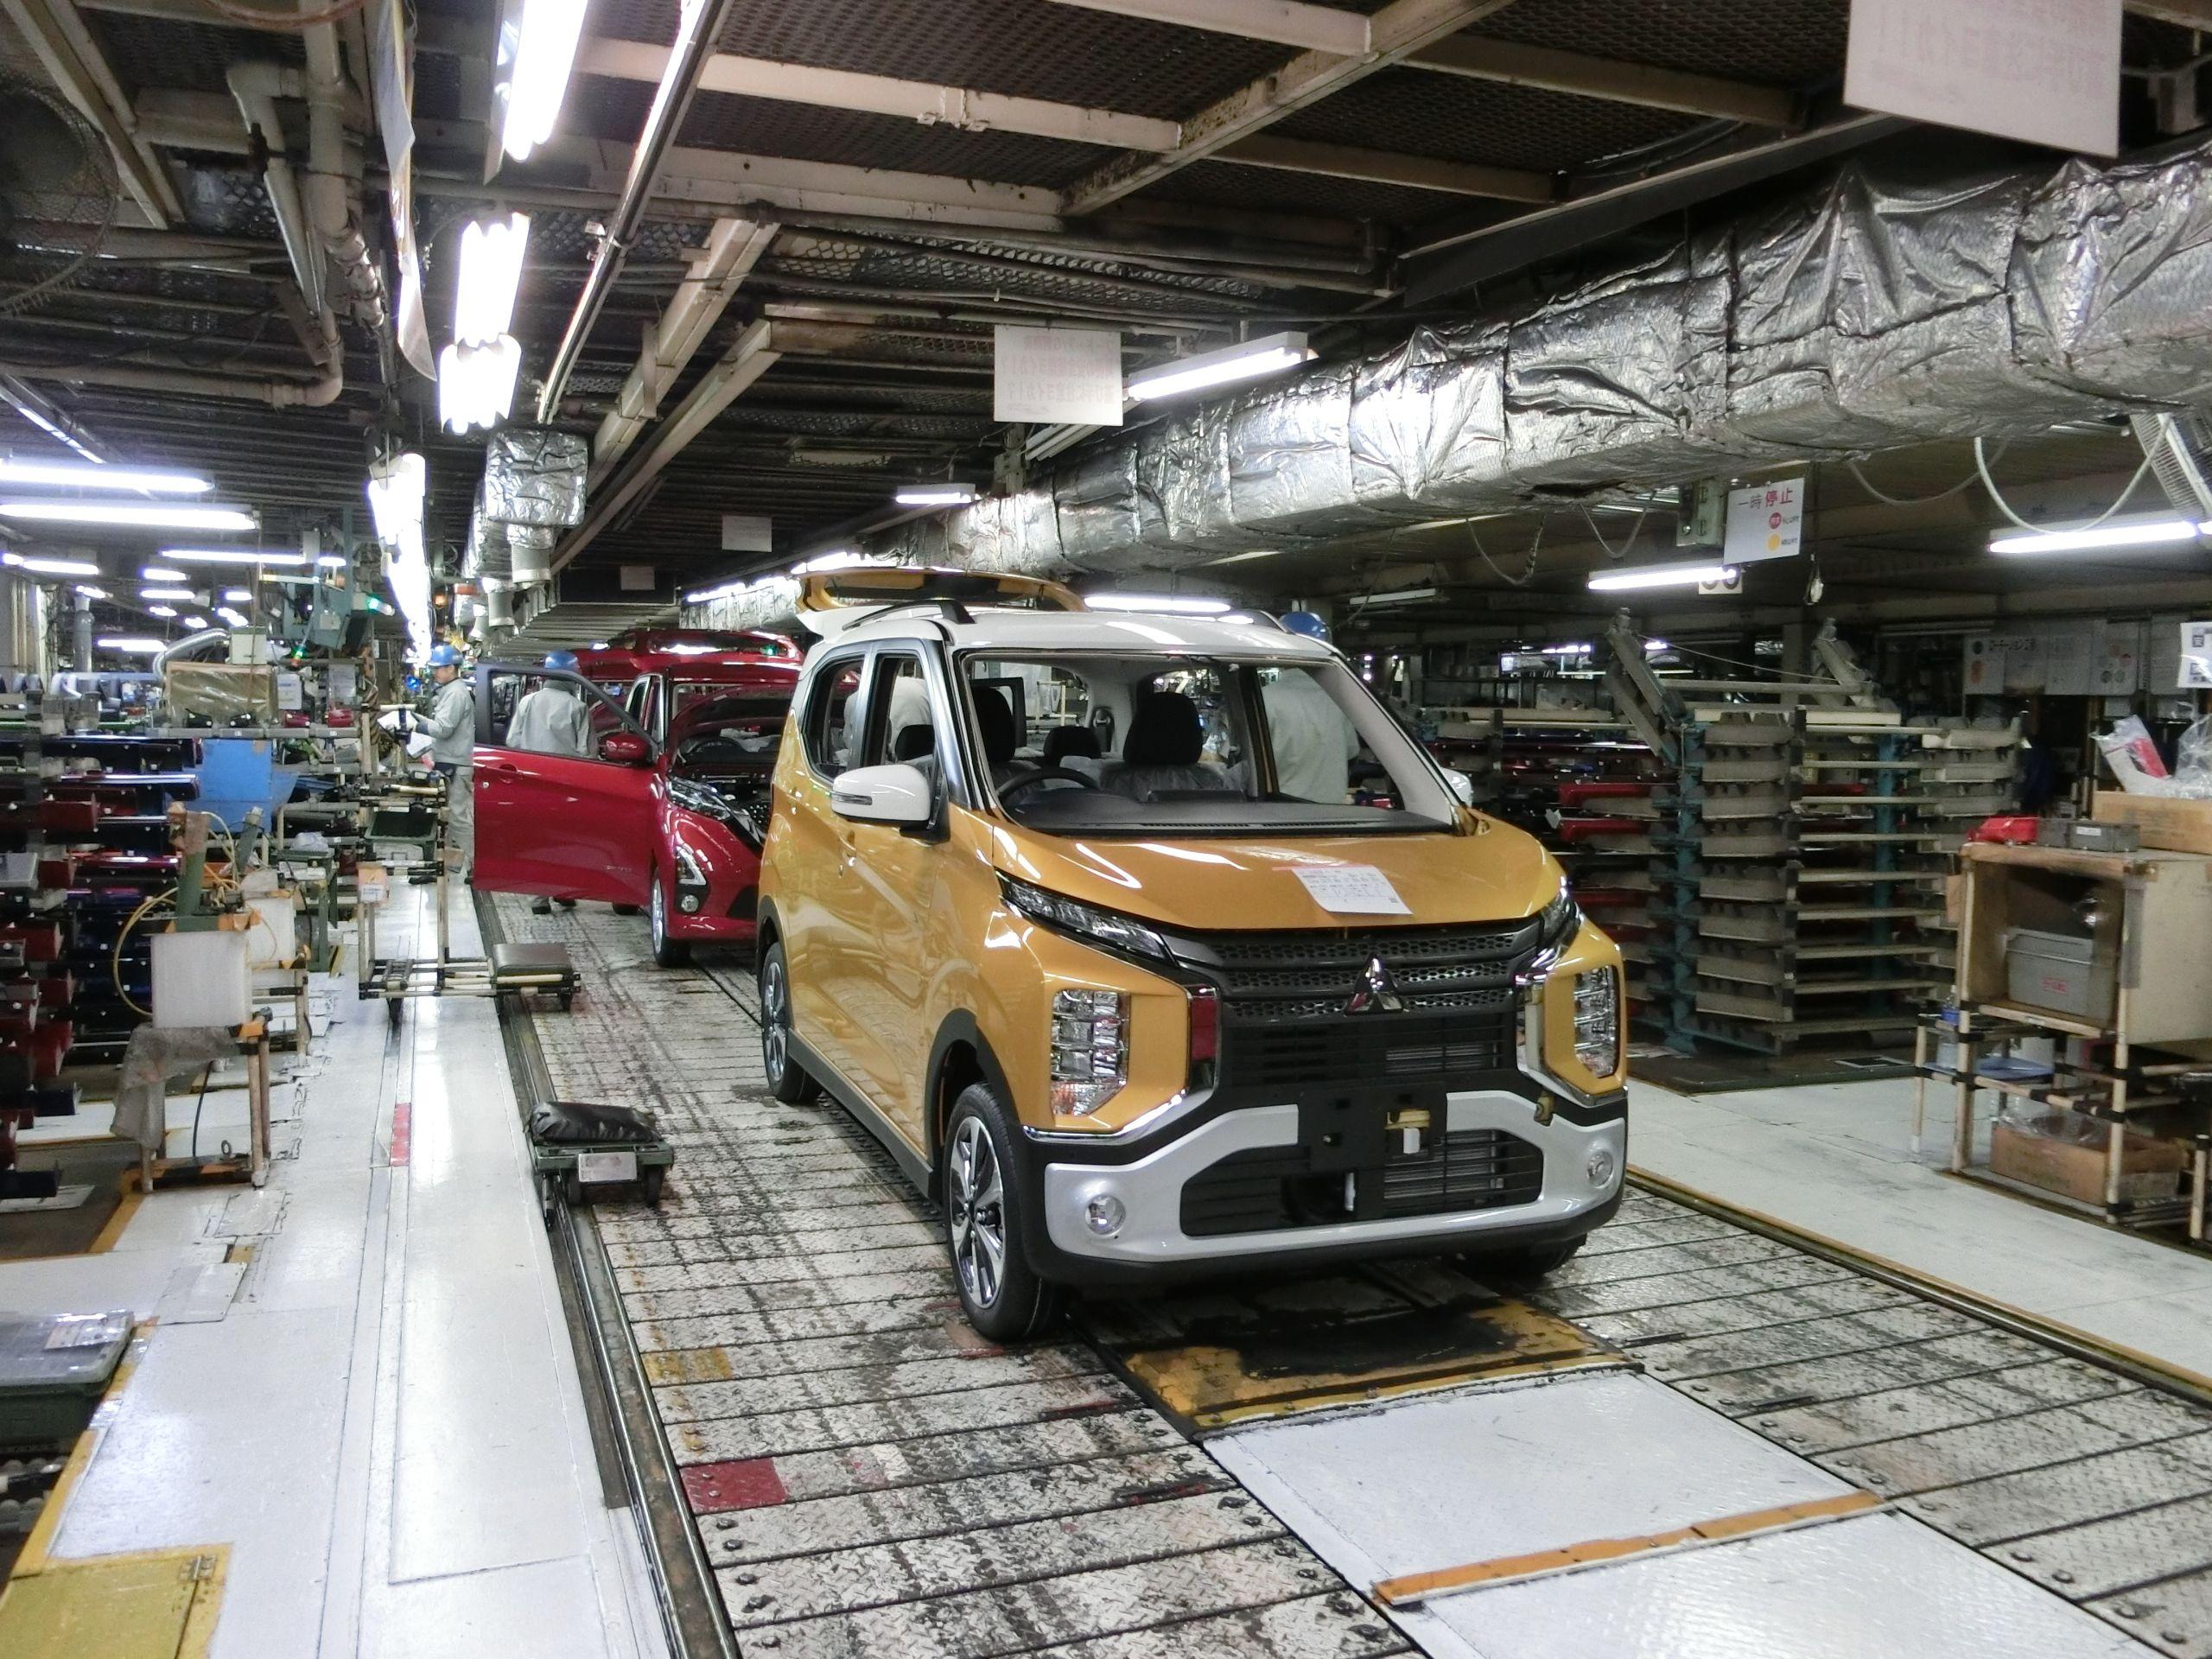 三菱自、水島製作所で軽自動車の生産停止 「eKワゴン」や日産「ルークス」など コロナ影響で部品調達滞る